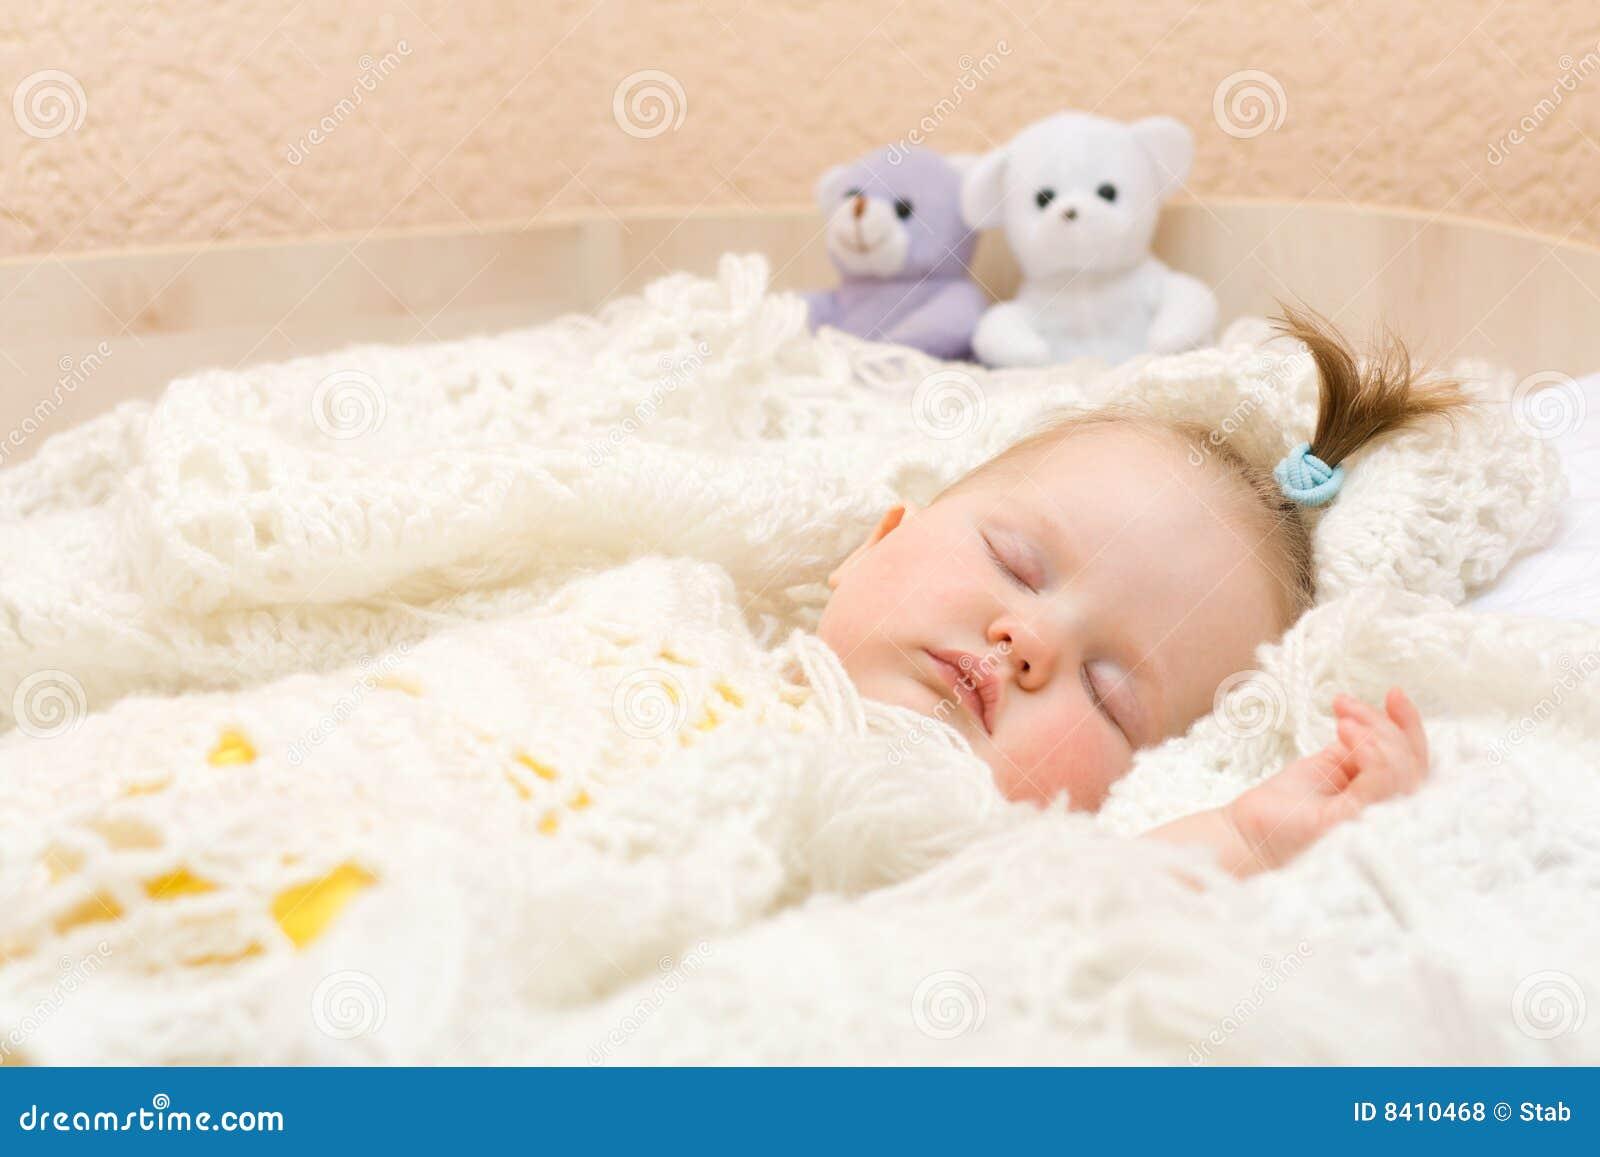 Спящих девочек трахнул 6 фотография